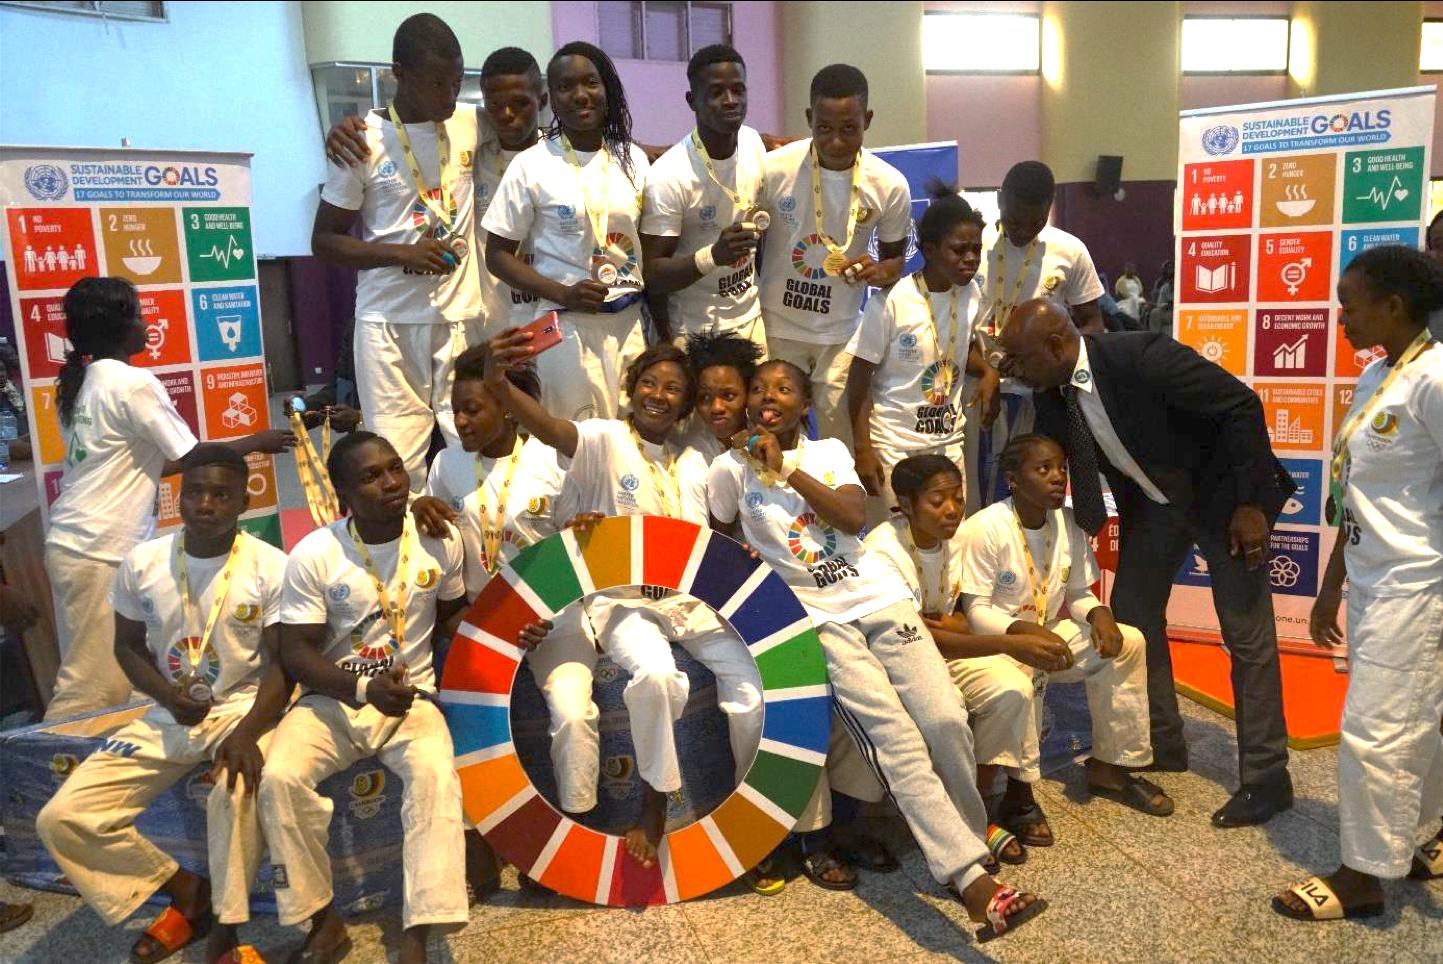 Des jeunes sportifs camerounais engagés pour les objectifs de développement durable